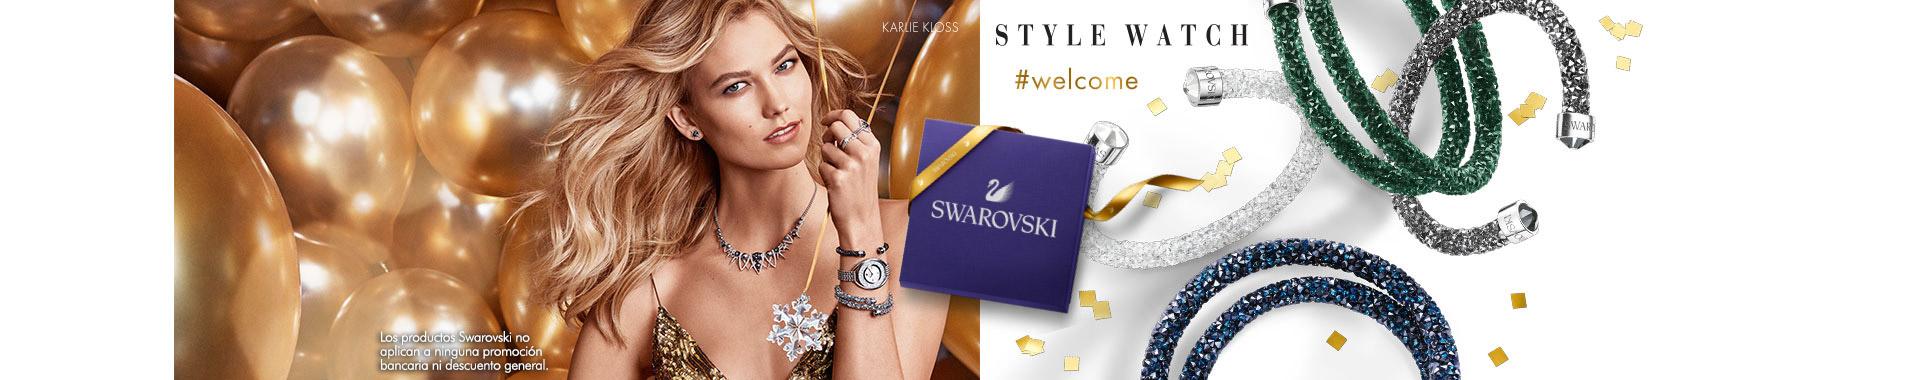 Welcome Swarovski